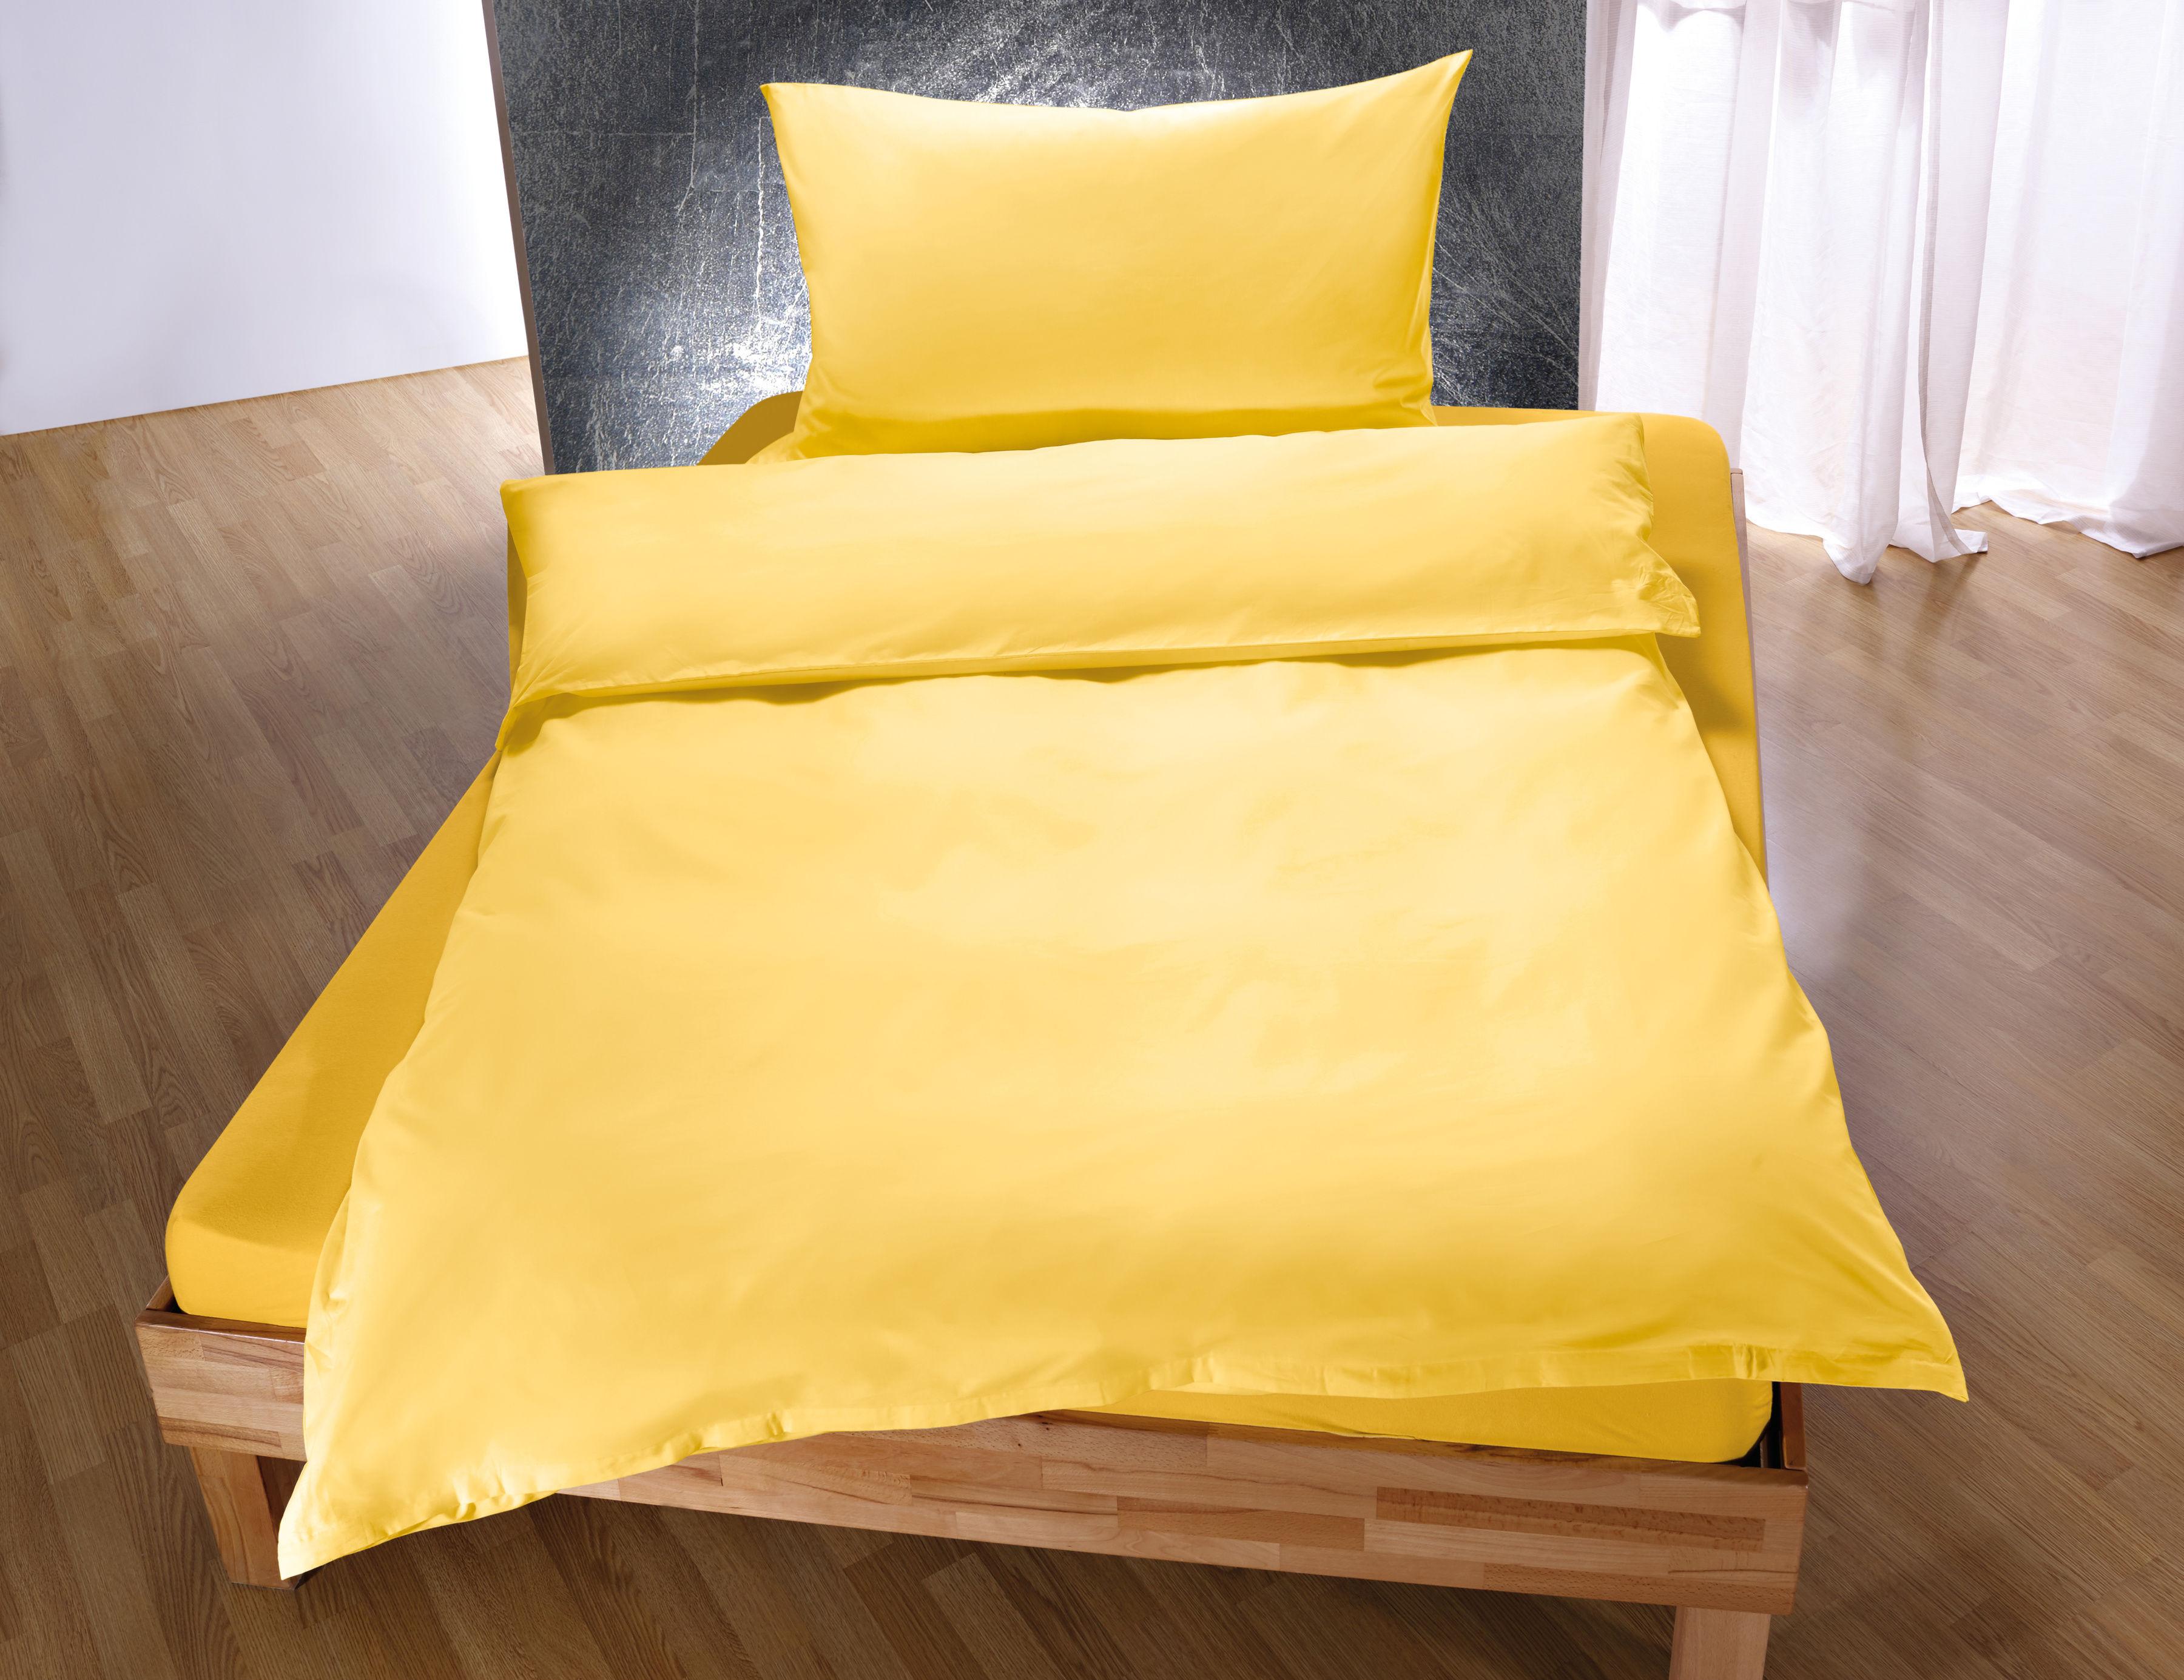 Baumwoll Bettwäsche Einfarbig Günstig Lehner Versand